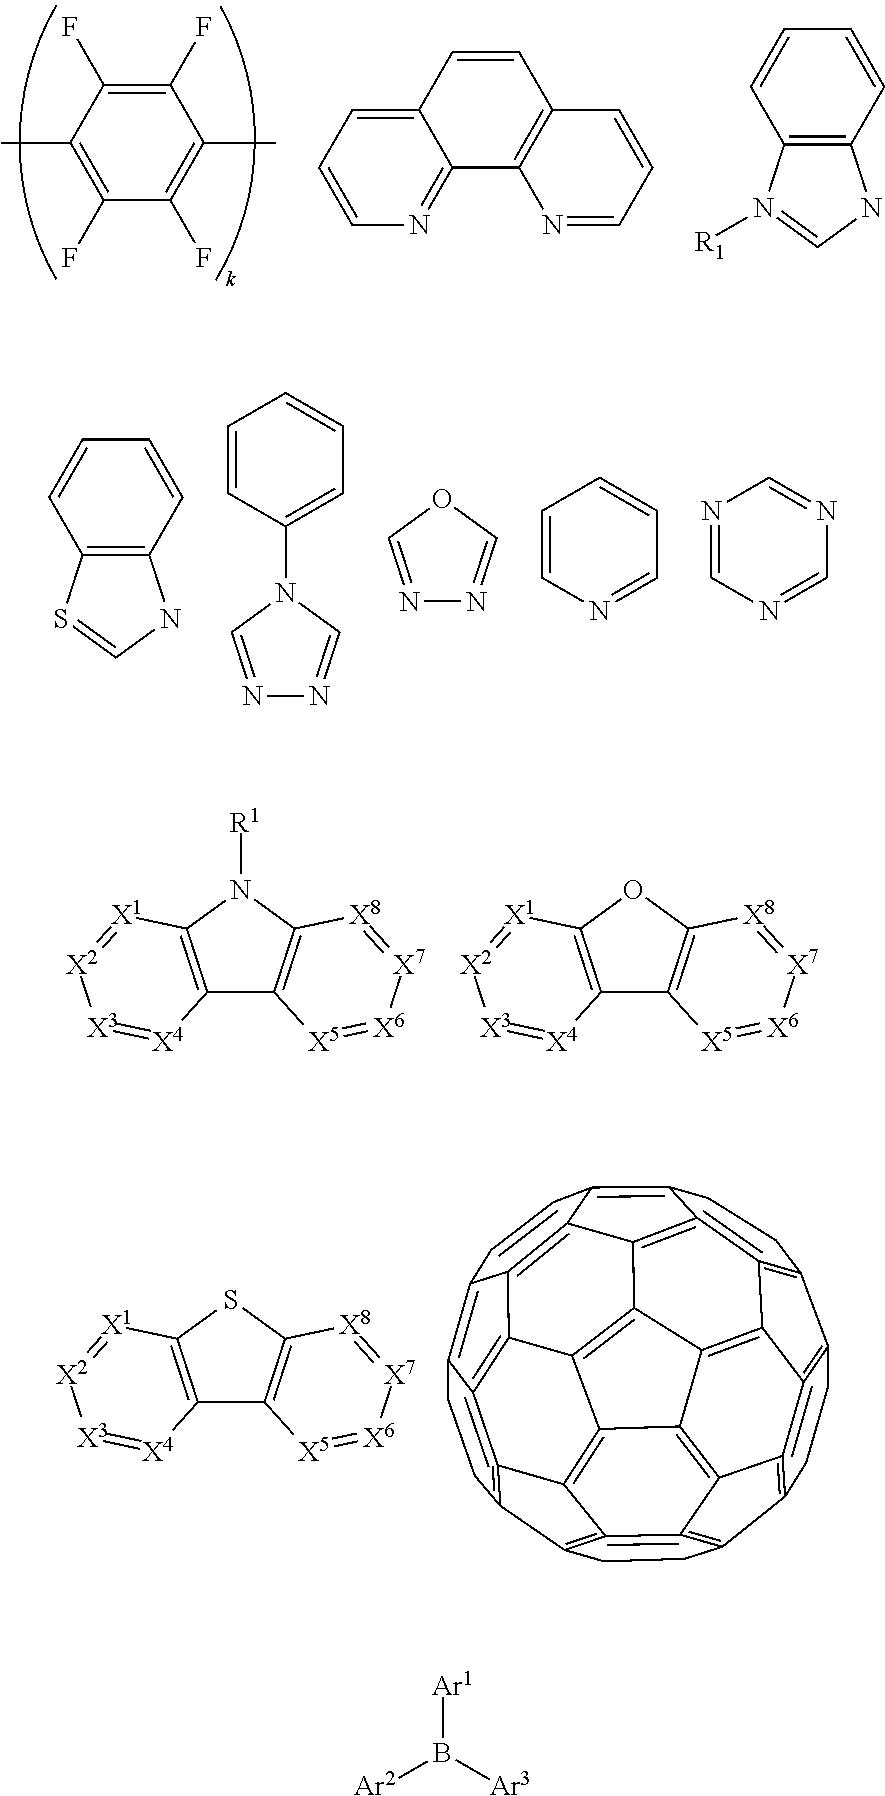 Figure US09978958-20180522-C00047